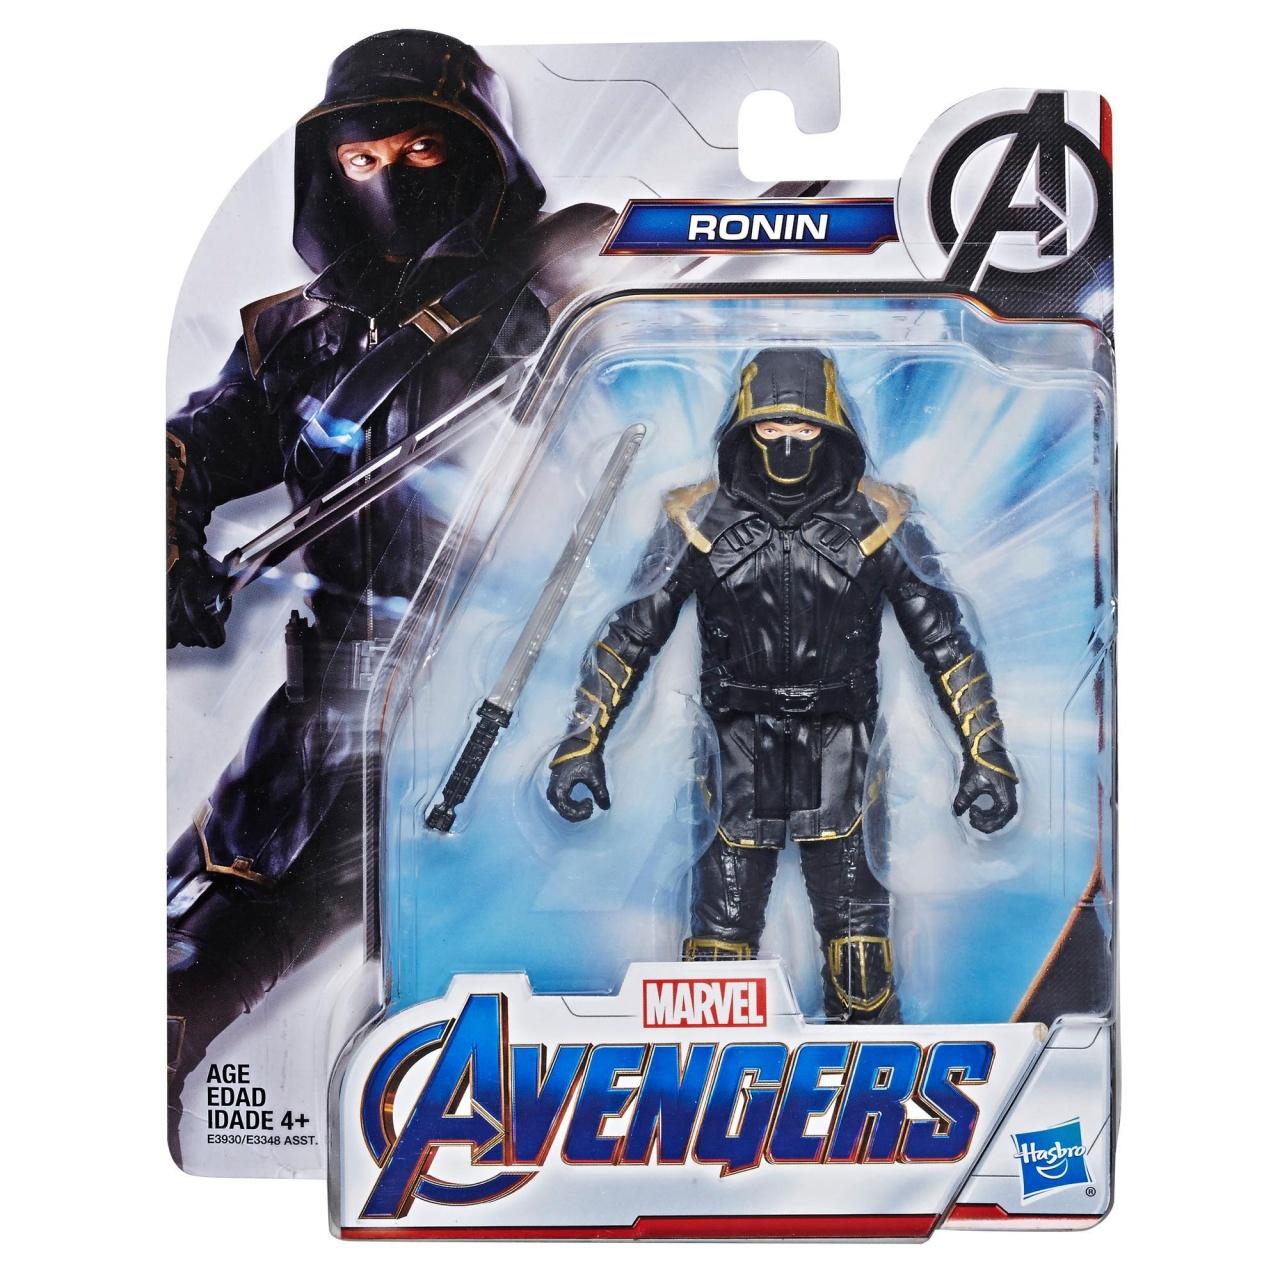 Marvel Avengers Endgame Ronin Figur